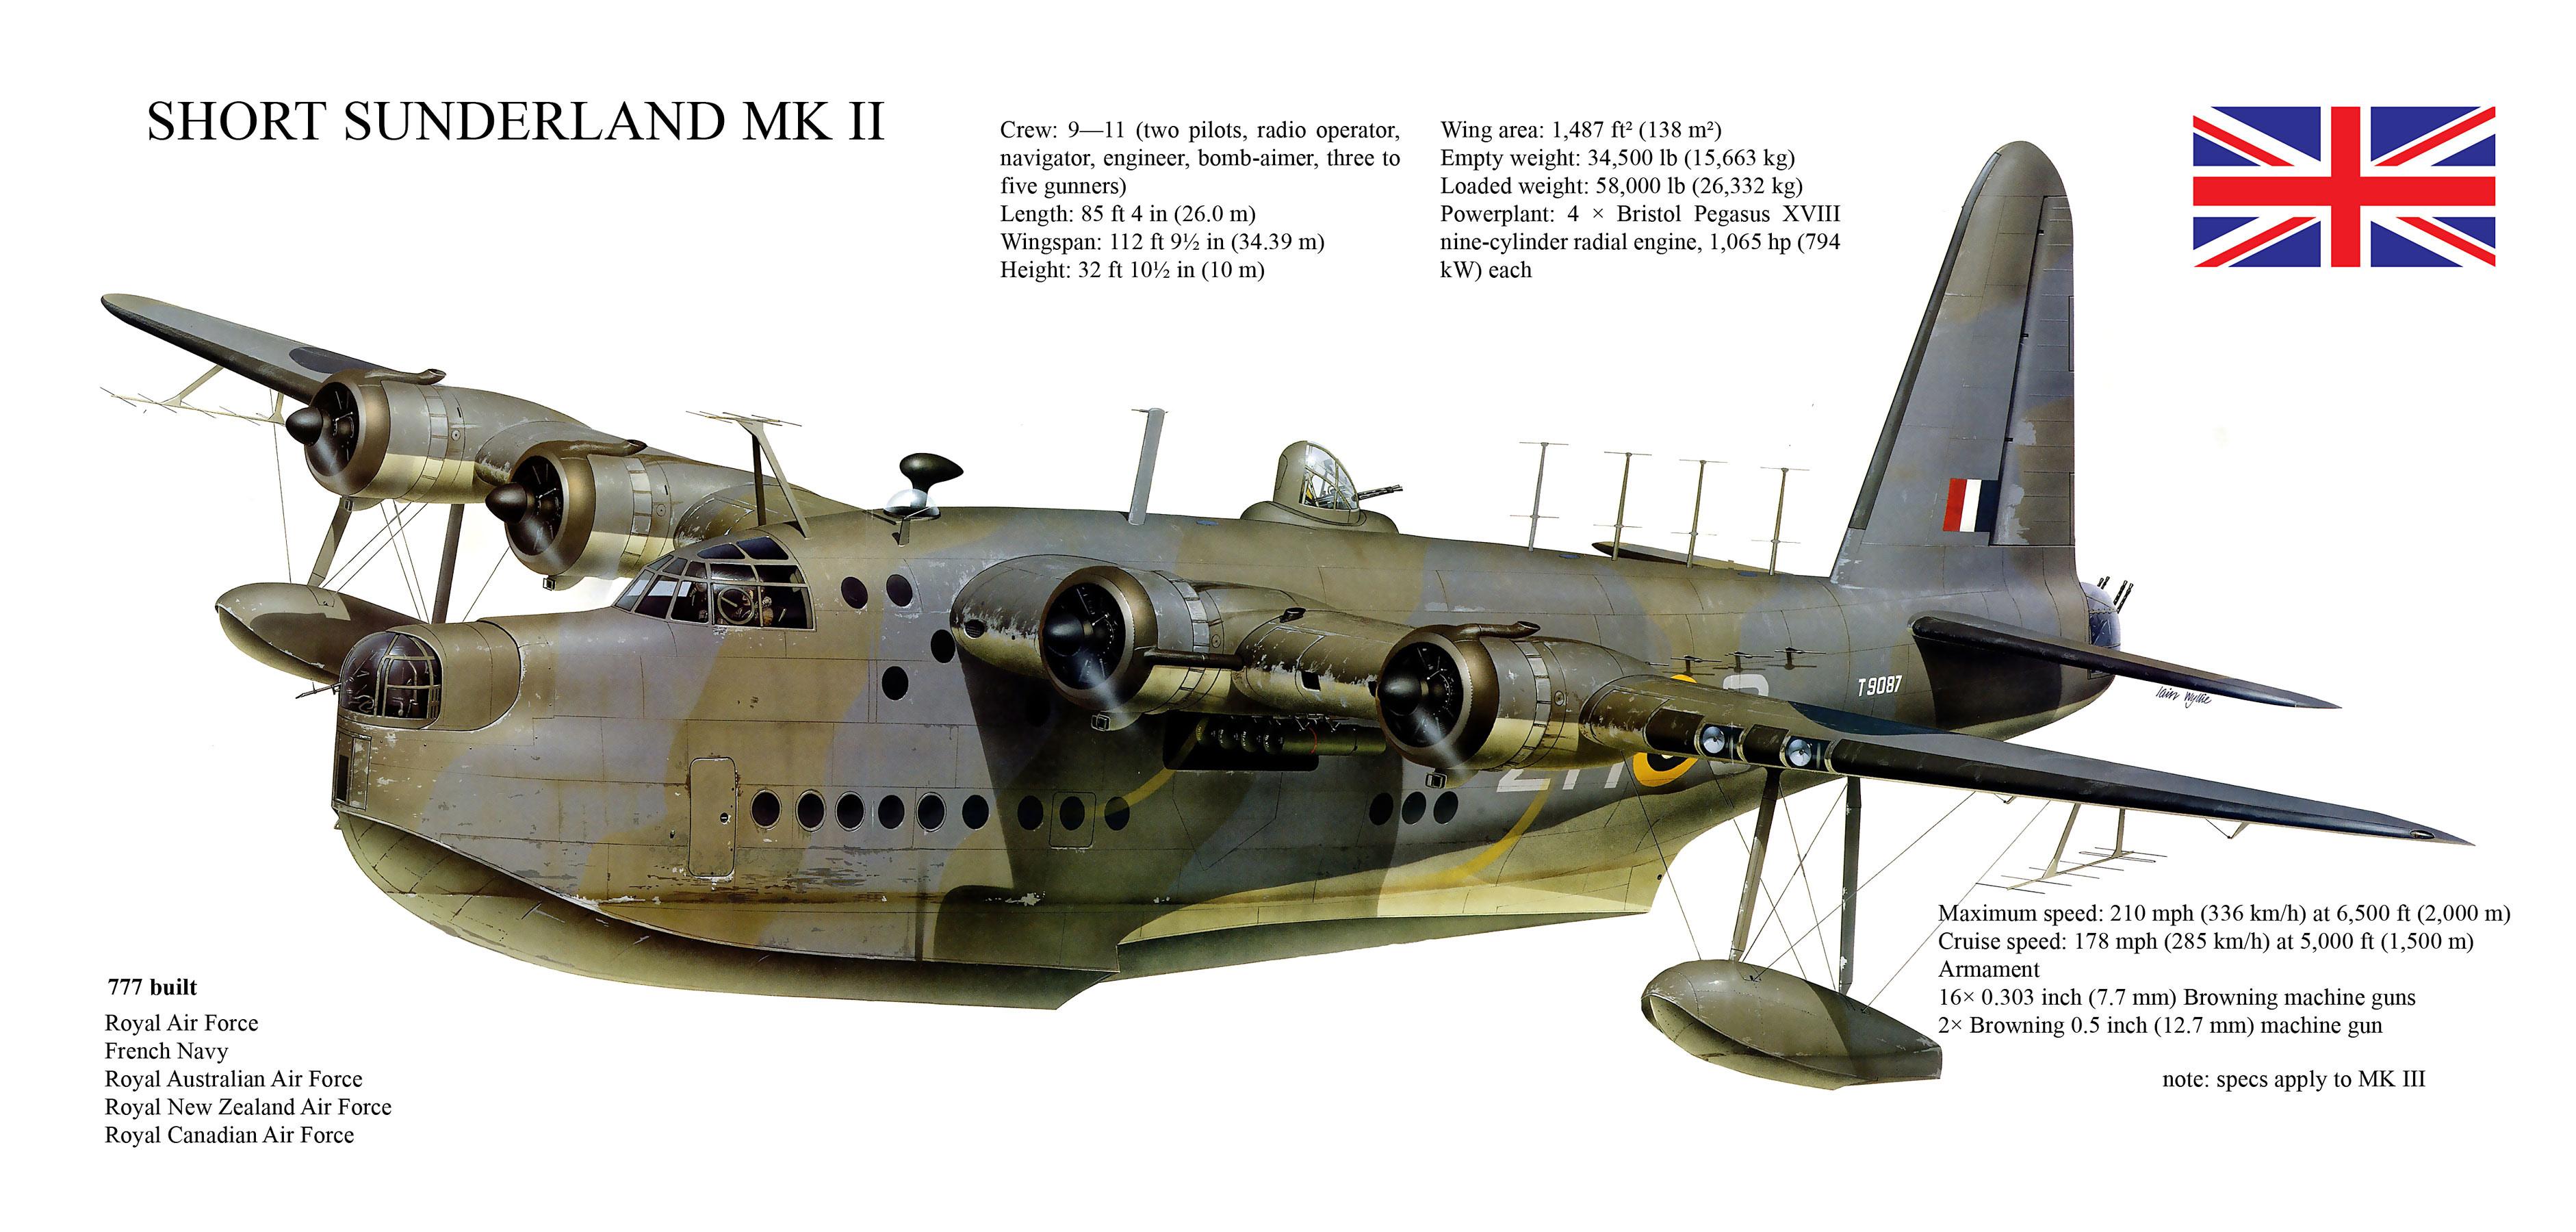 壁紙 3764x1800 飛行機 描かれた壁紙 アメリカ合衆国 Short